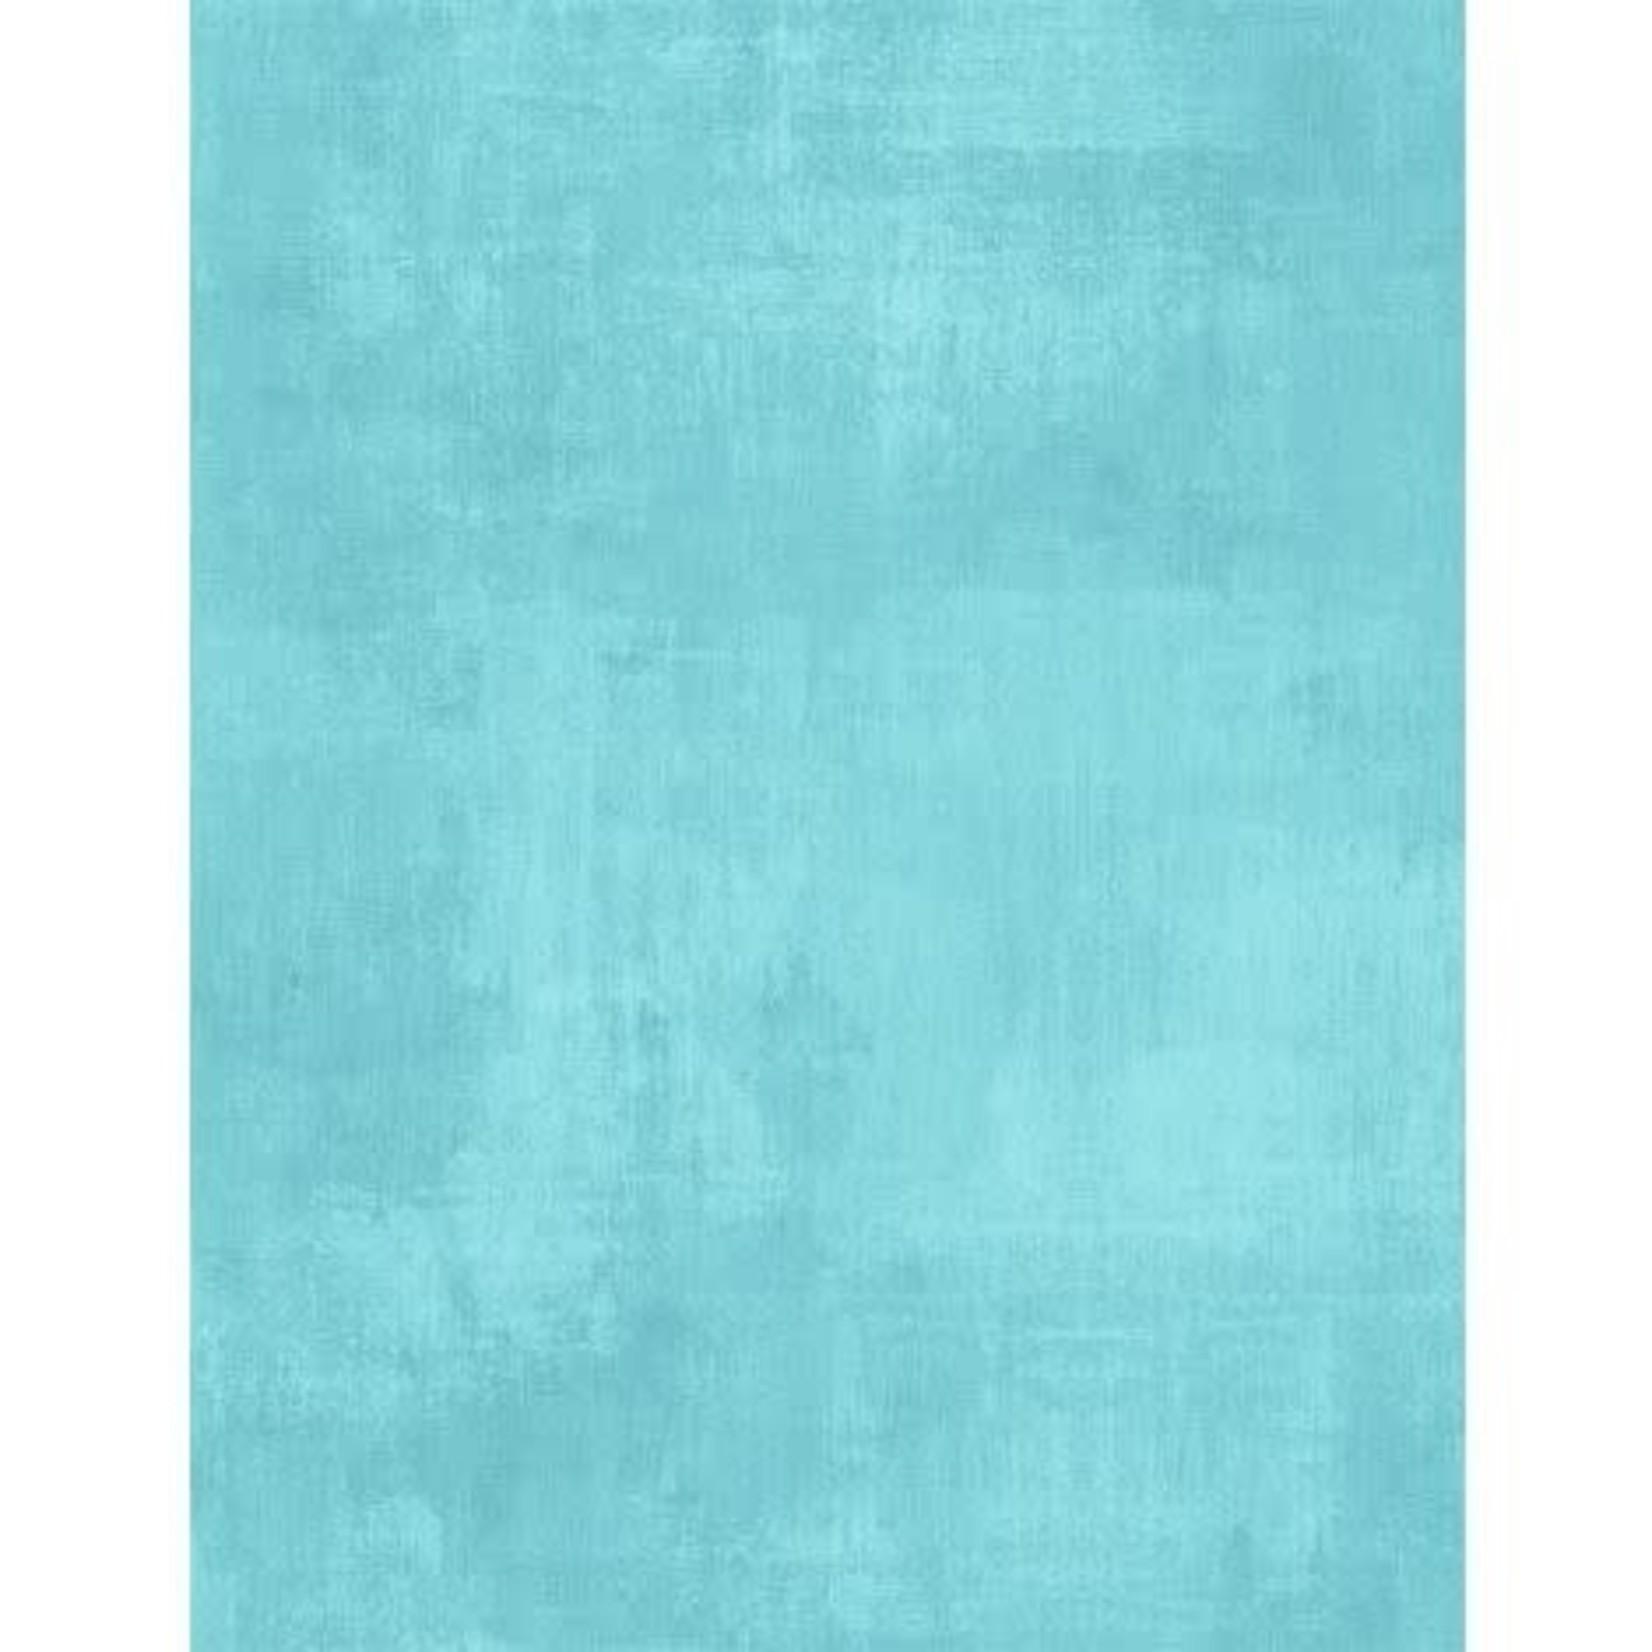 WILMINGTON PRINTS Essentials Flannel, Aqua - Per Cm or $20/m